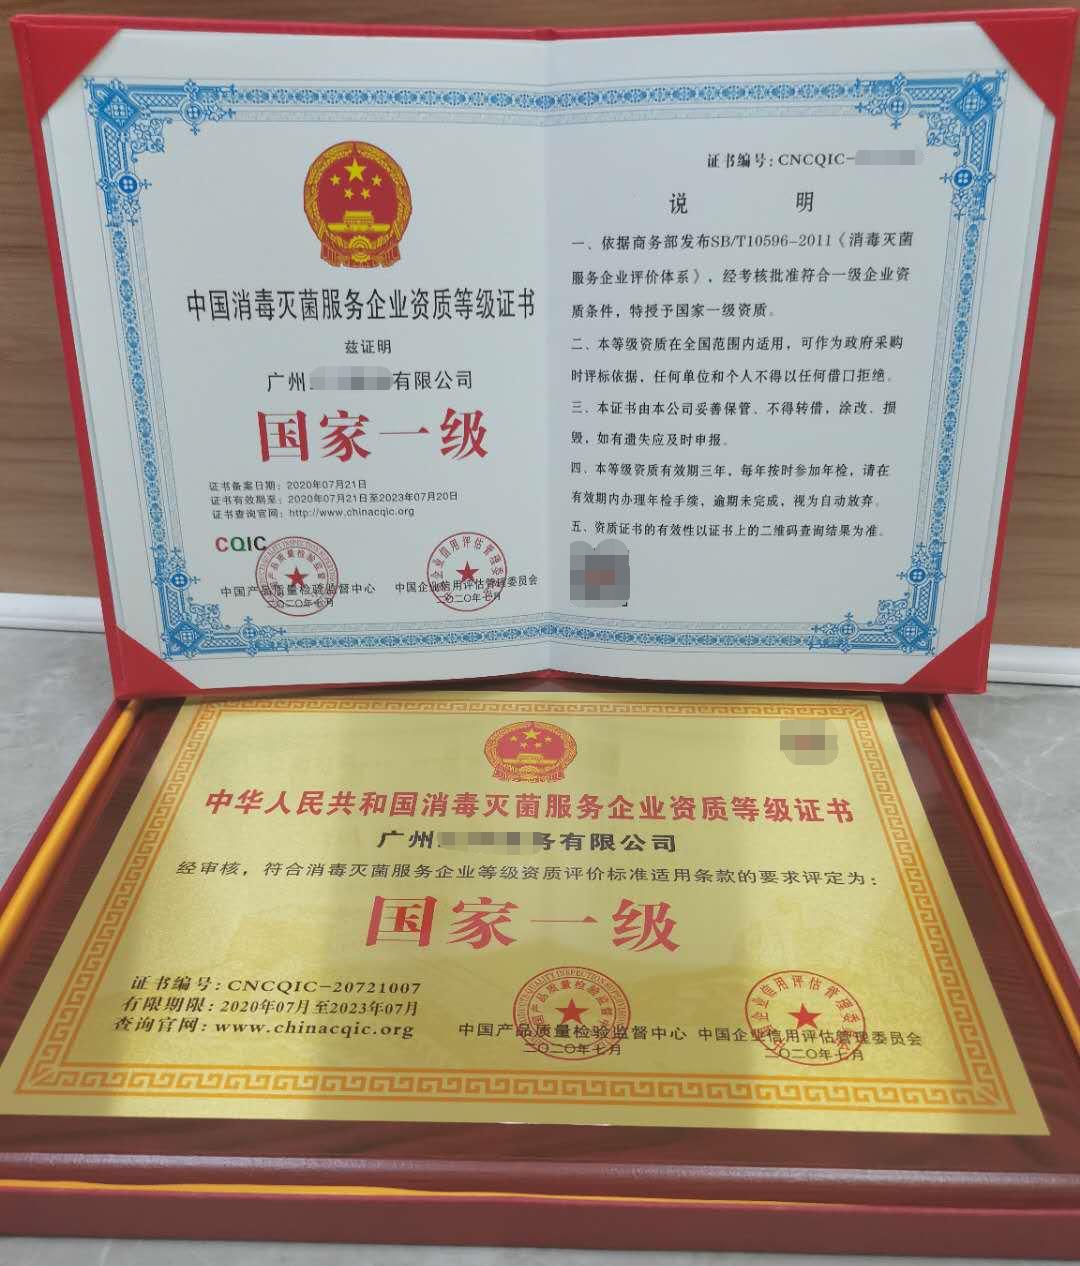 公共卫生消毒灭菌服务企业资质等级证书2.png